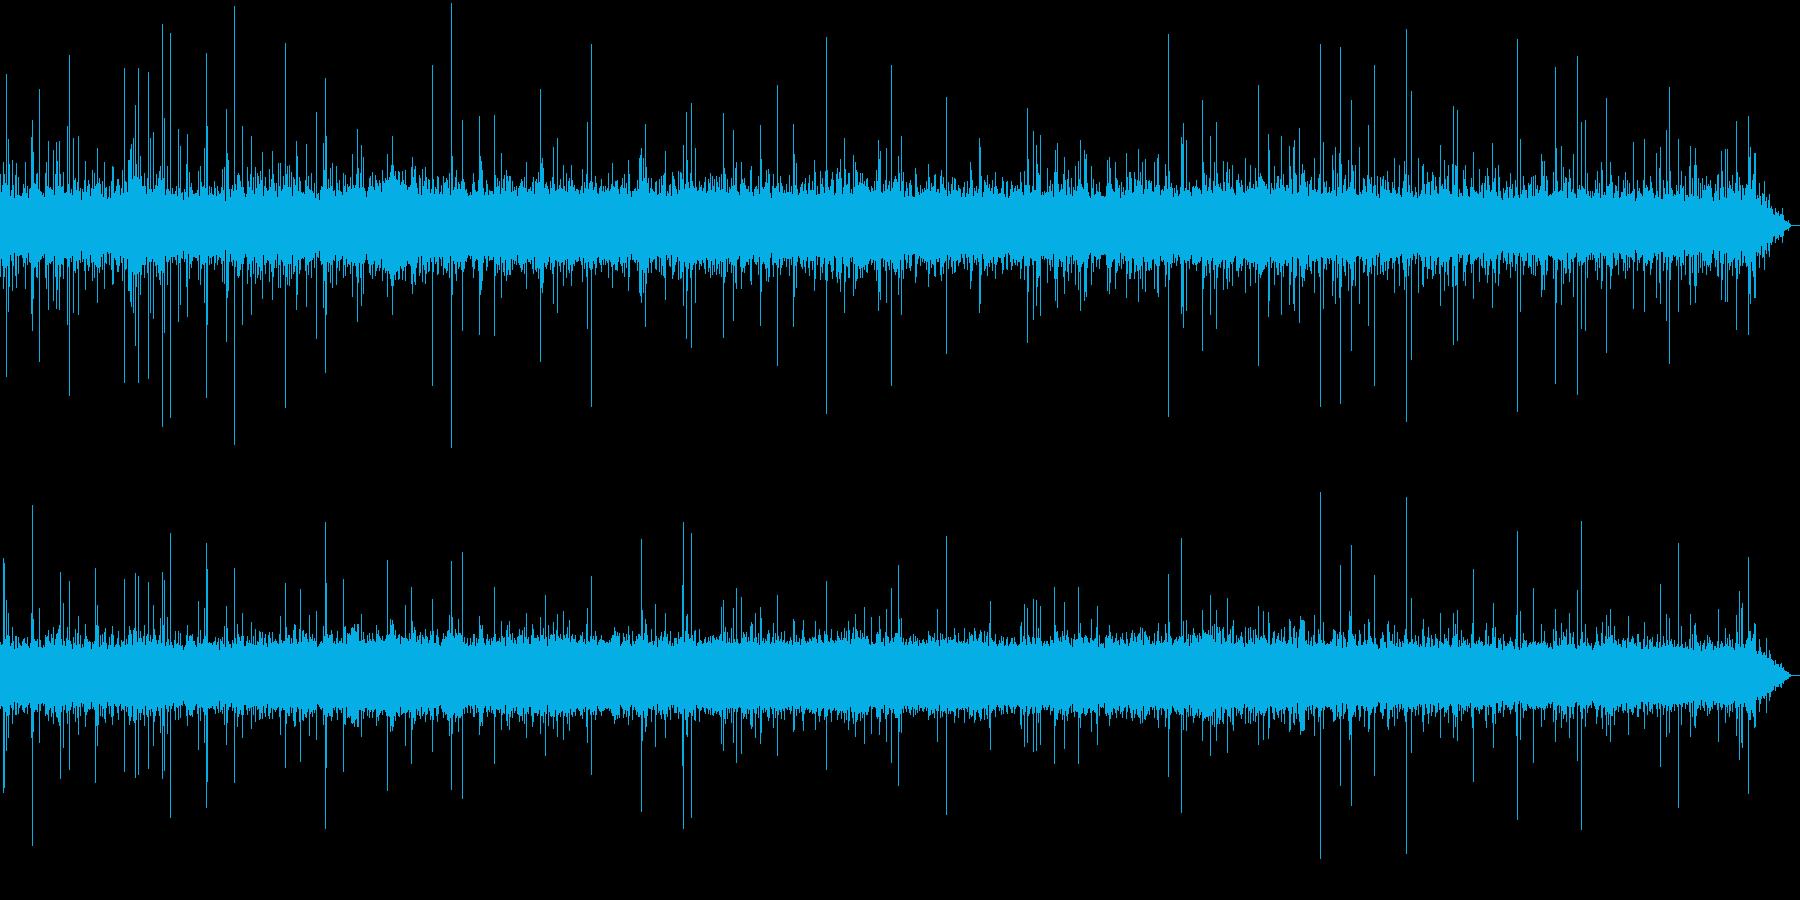 【生録音】日本 東京に降る雨の音 6の再生済みの波形